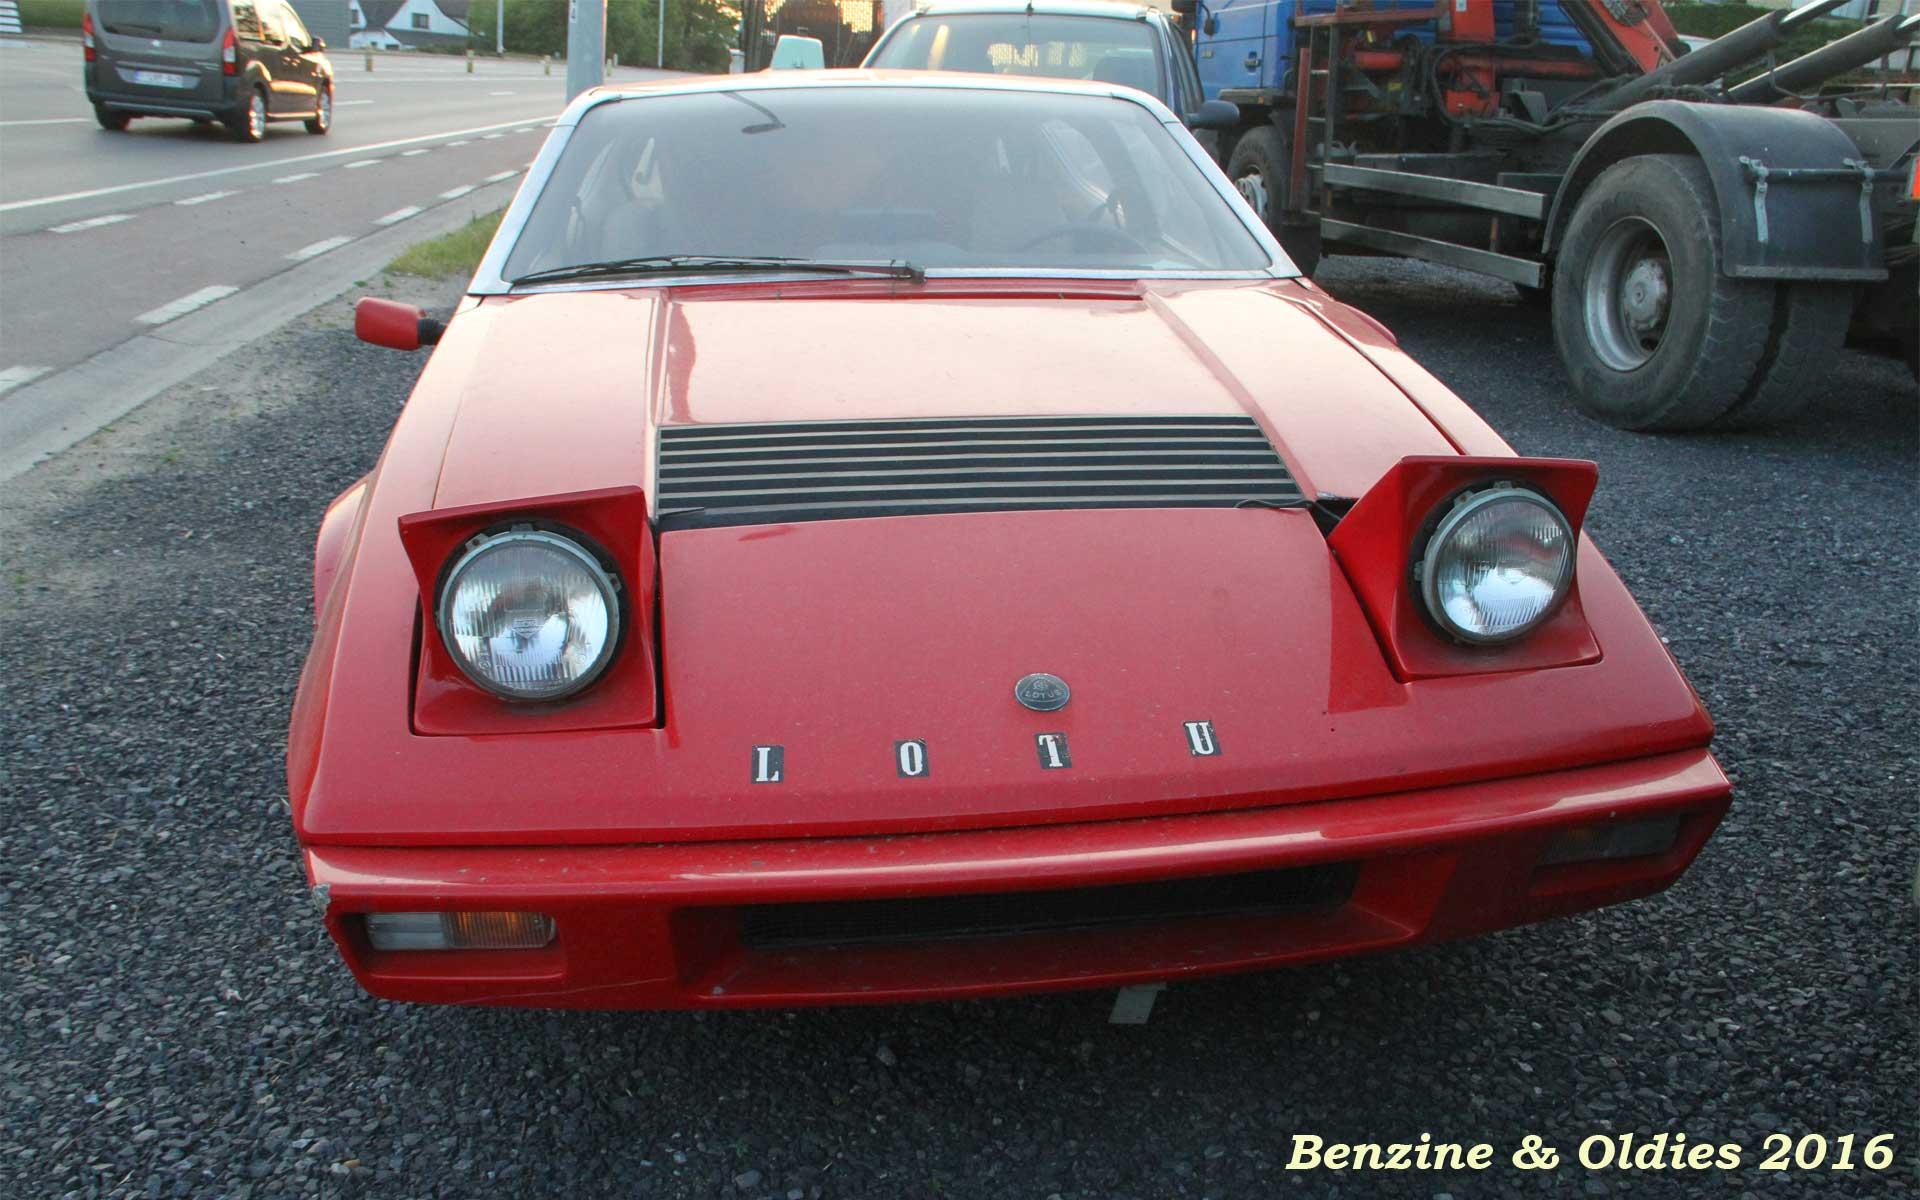 une Lotus Elite S2 à sauver vue sur la route en Belgique 451209lotusstreet0010